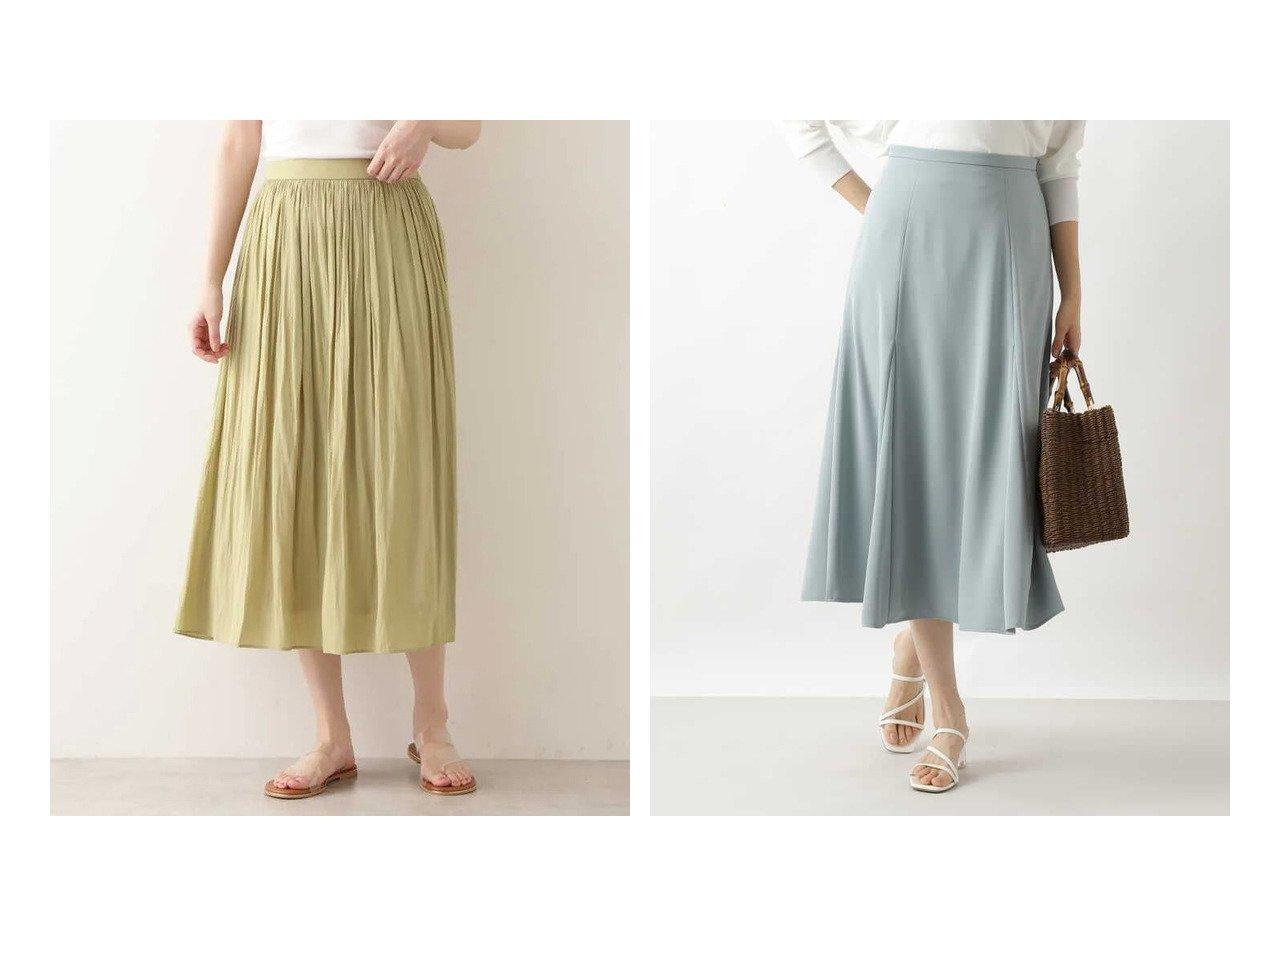 【NATURAL BEAUTY BASIC/ナチュラル ビューティー ベーシック】のサテンギャザースカート&洗える ゴアードフレアスカート 【スカート】おすすめ!人気、トレンド・レディースファッションの通販 おすすめで人気の流行・トレンド、ファッションの通販商品 メンズファッション・キッズファッション・インテリア・家具・レディースファッション・服の通販 founy(ファニー) https://founy.com/ ファッション Fashion レディースファッション WOMEN スカート Skirt Aライン/フレアスカート Flared A-Line Skirts ギャザー プリーツ 人気 定番 Standard サテン トレンド パターン フレア ベーシック 洗える |ID:crp329100000032375